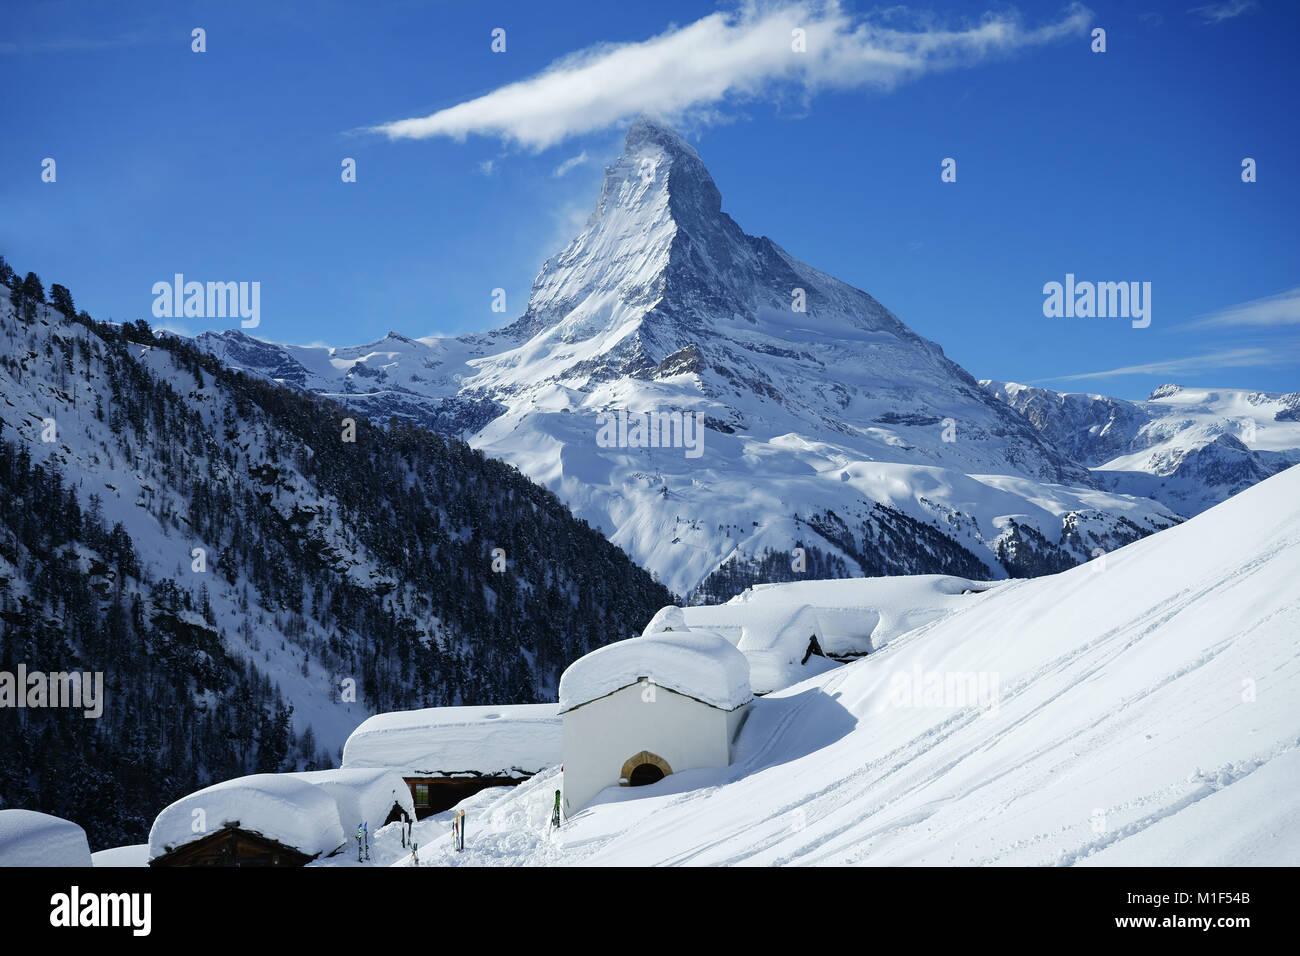 Alpine Village Findeln unter Sunnegga, Zermatt mit Matterhorn, Winter, Walliser Alpen, Schweiz Stockbild